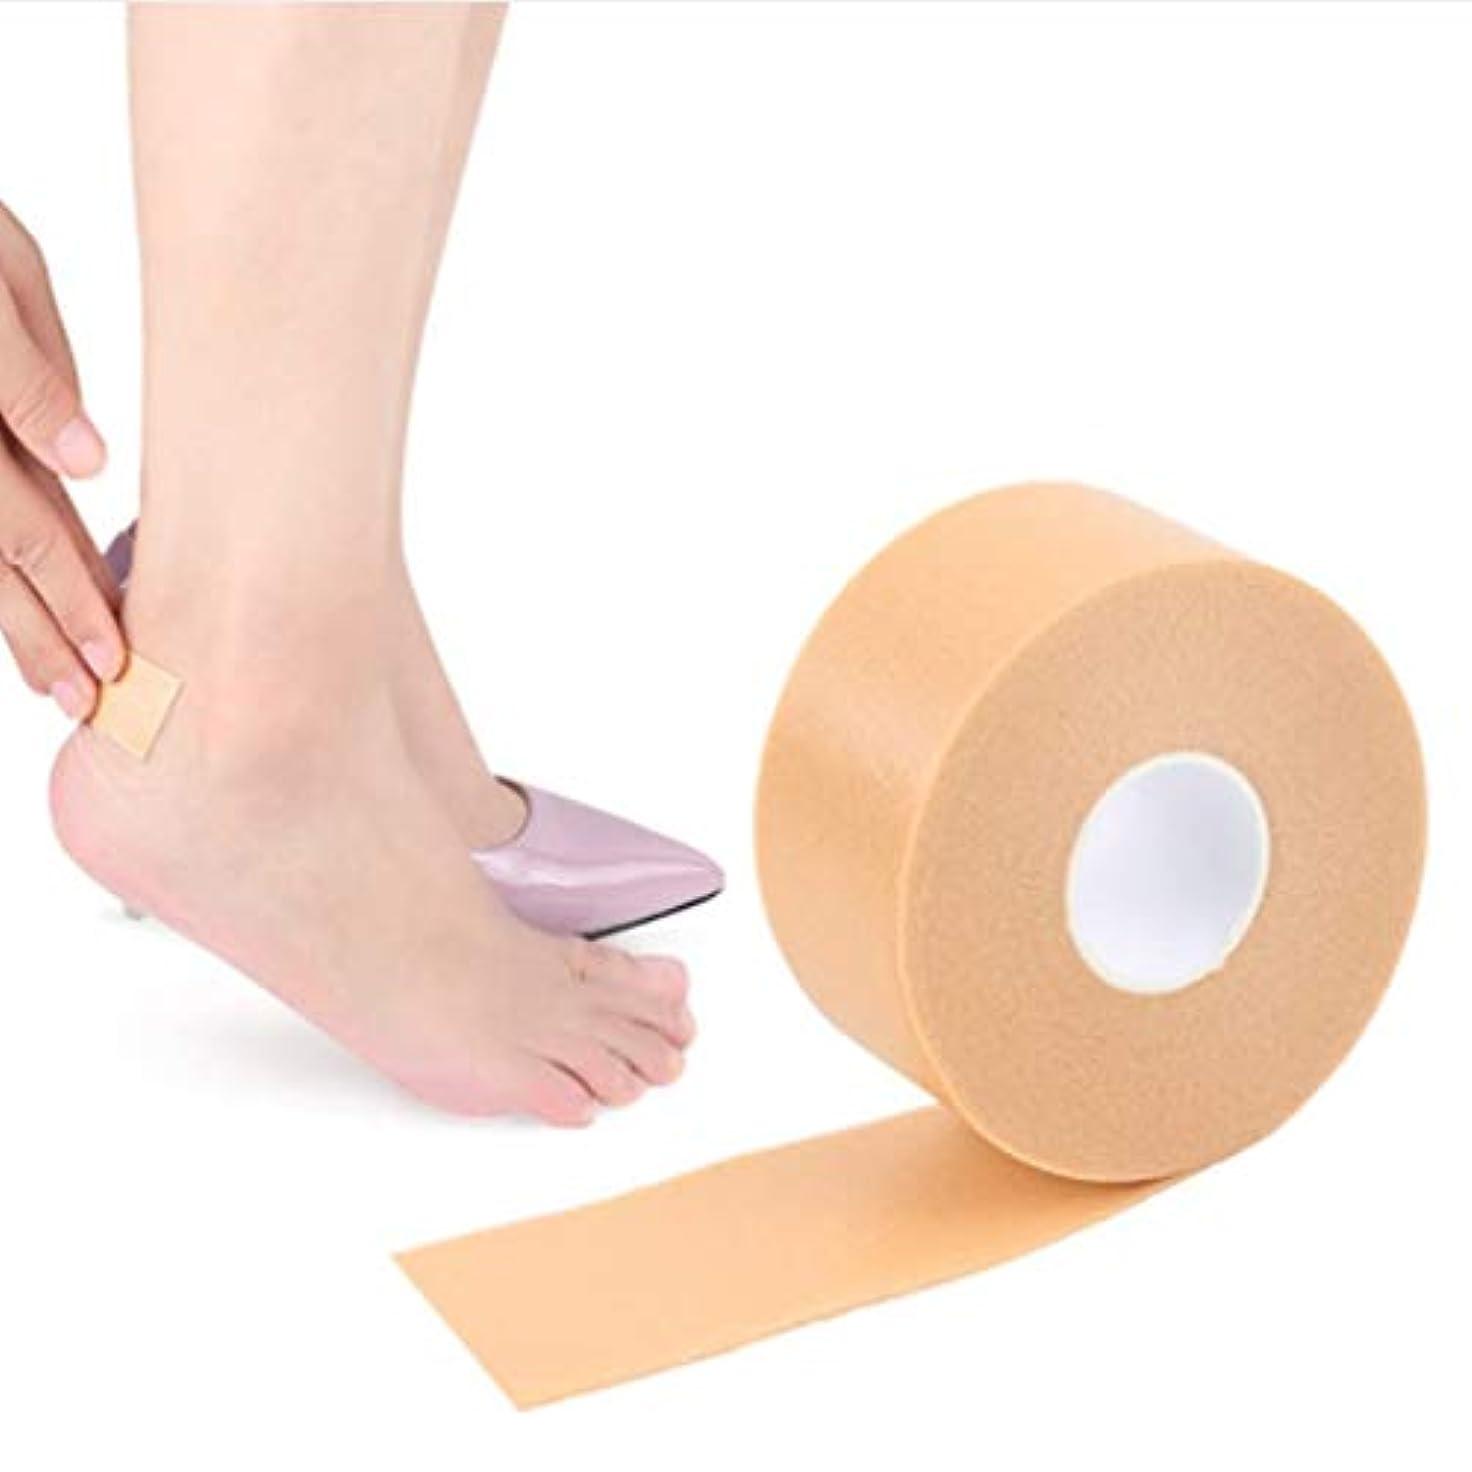 嘆くリスキーな悩みMen club 足のかかとのステッカーテープ鍼治療痛みの軽減耐摩耗性の足のステッカーハイヒールの靴のパッチ男女兼用防水スタイリッシュで人気のある